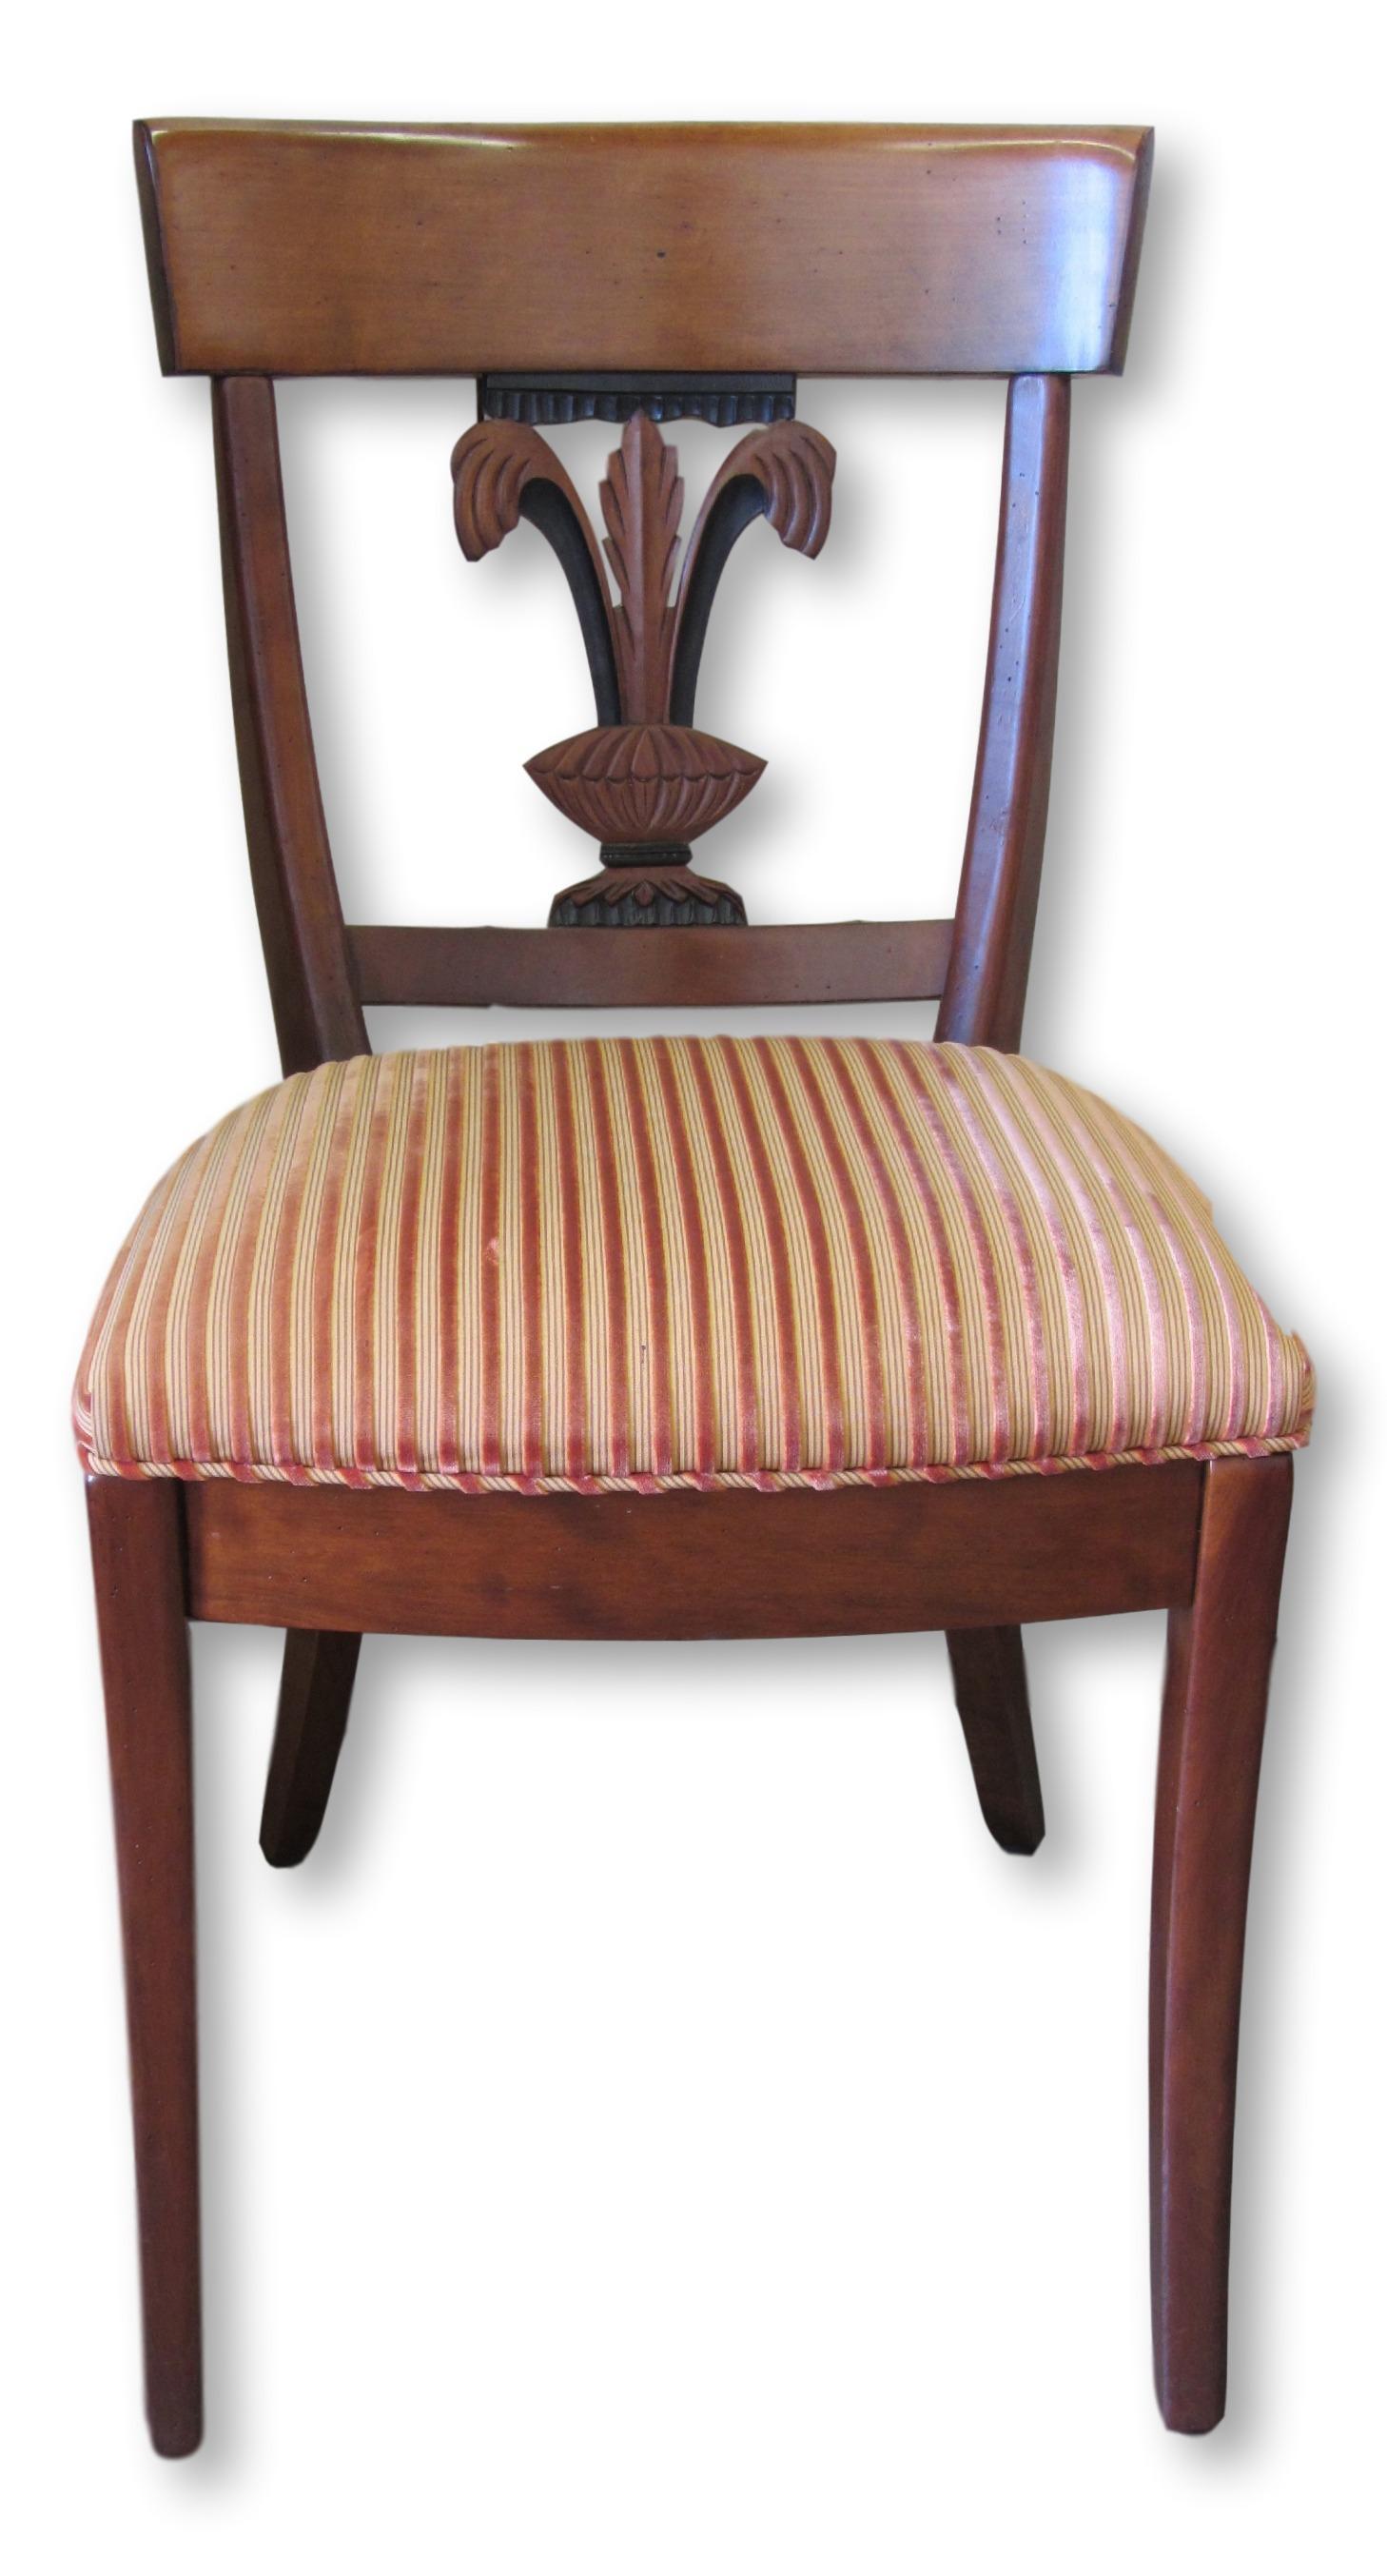 Roche Bobois Fleur De Lis Dining Chairs   Set Of 8   Image 3 Of 10